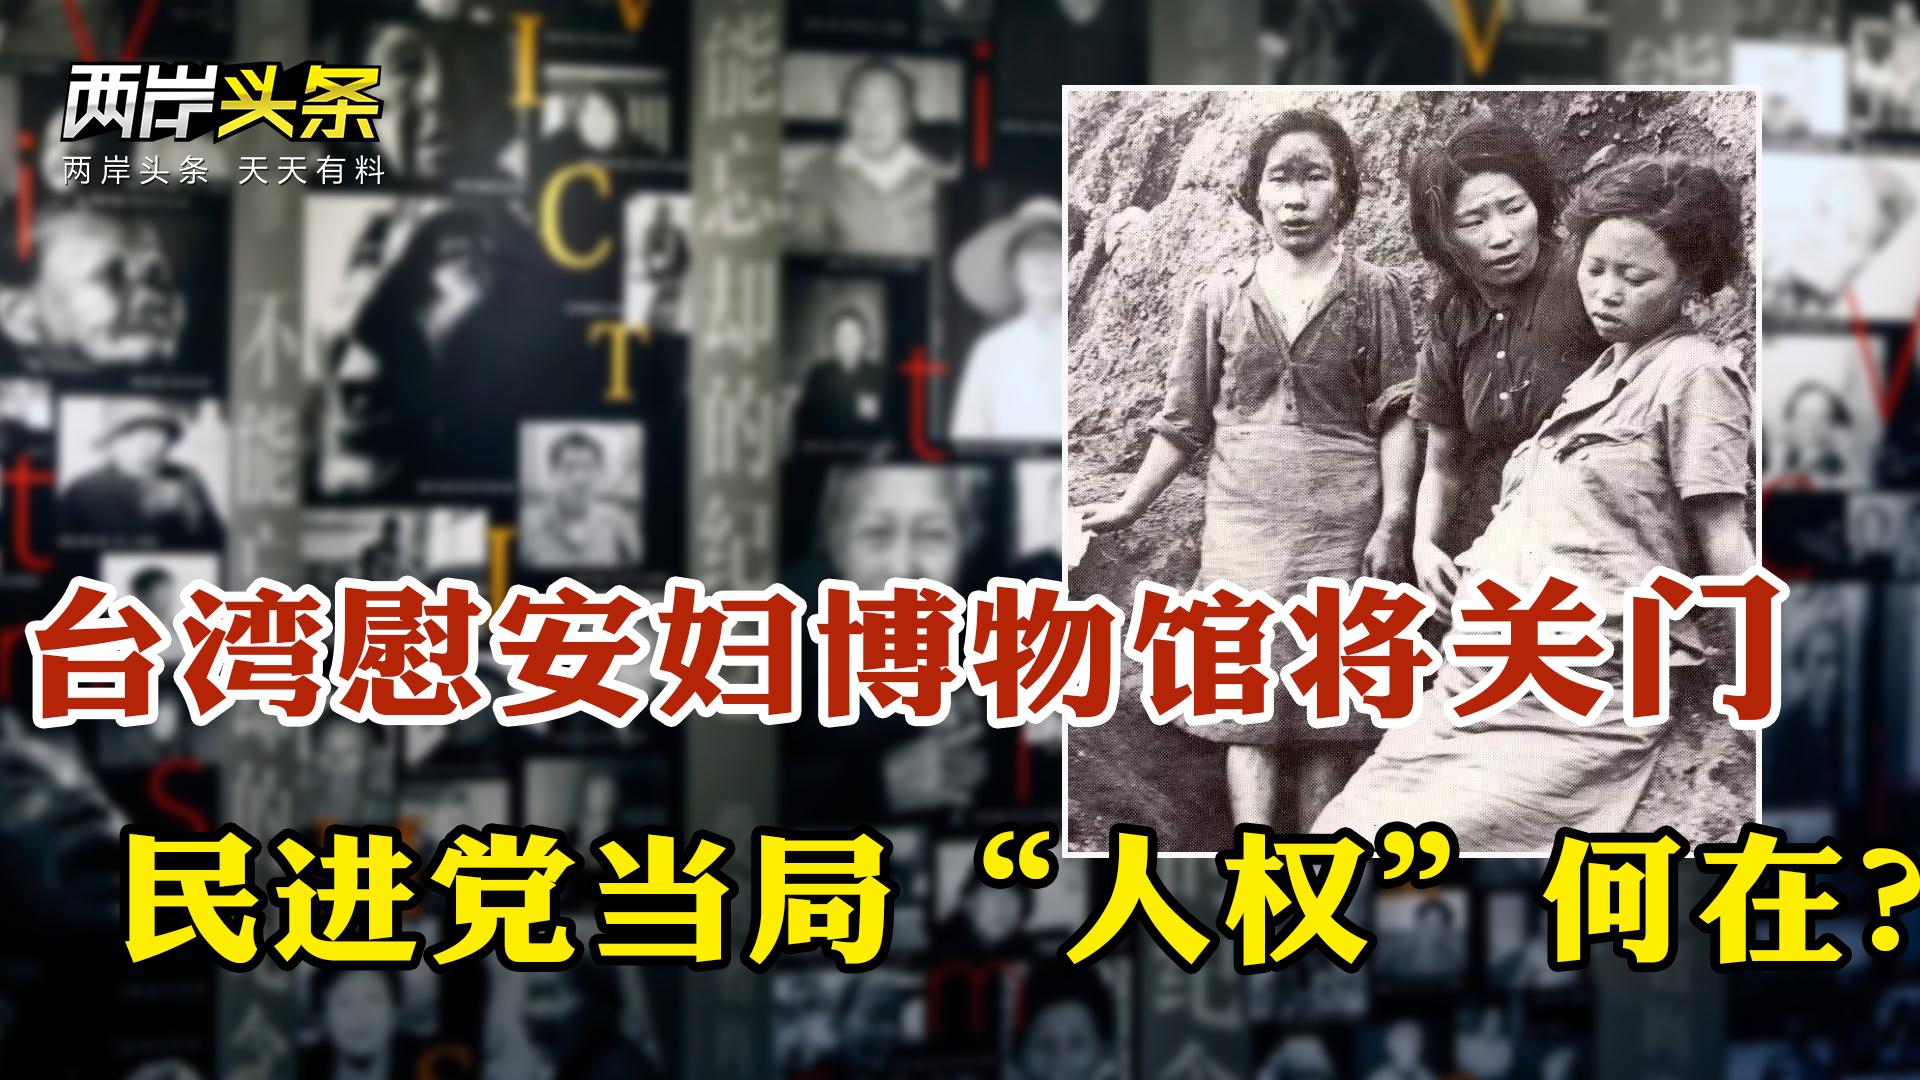 """臺灣唯一慰安婦博物館將閉館 強調""""人權""""的臺當局哪去了?圖片"""